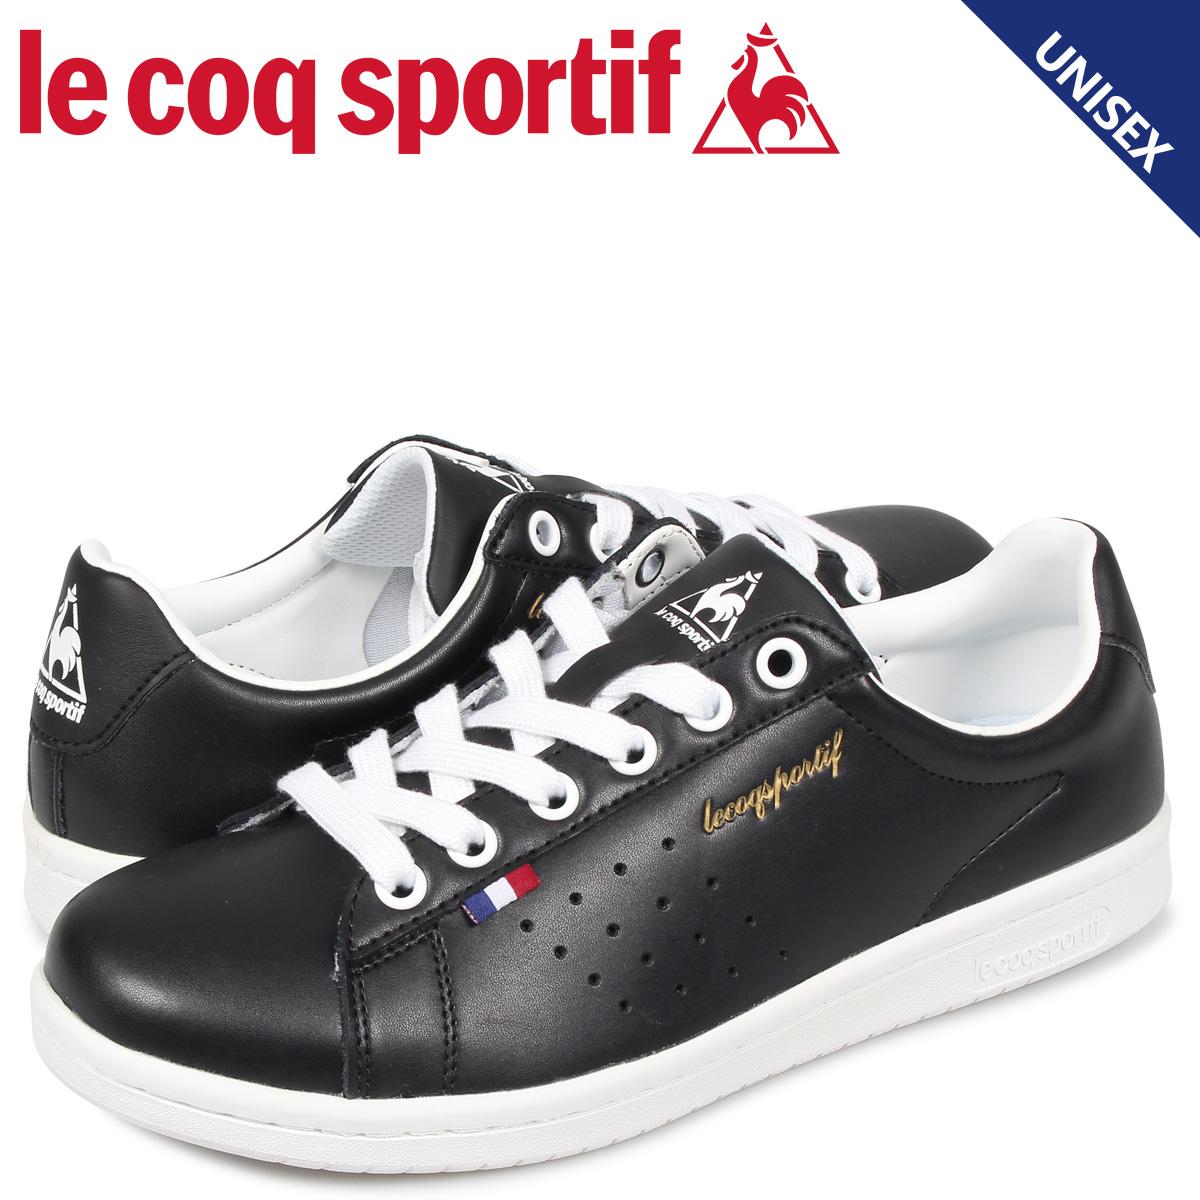 ルコック スポルティフ le coq sportif スニーカー LA ローラン メンズ レディース LA ROLAND LE ブラック 黒 QL1MJC64BB